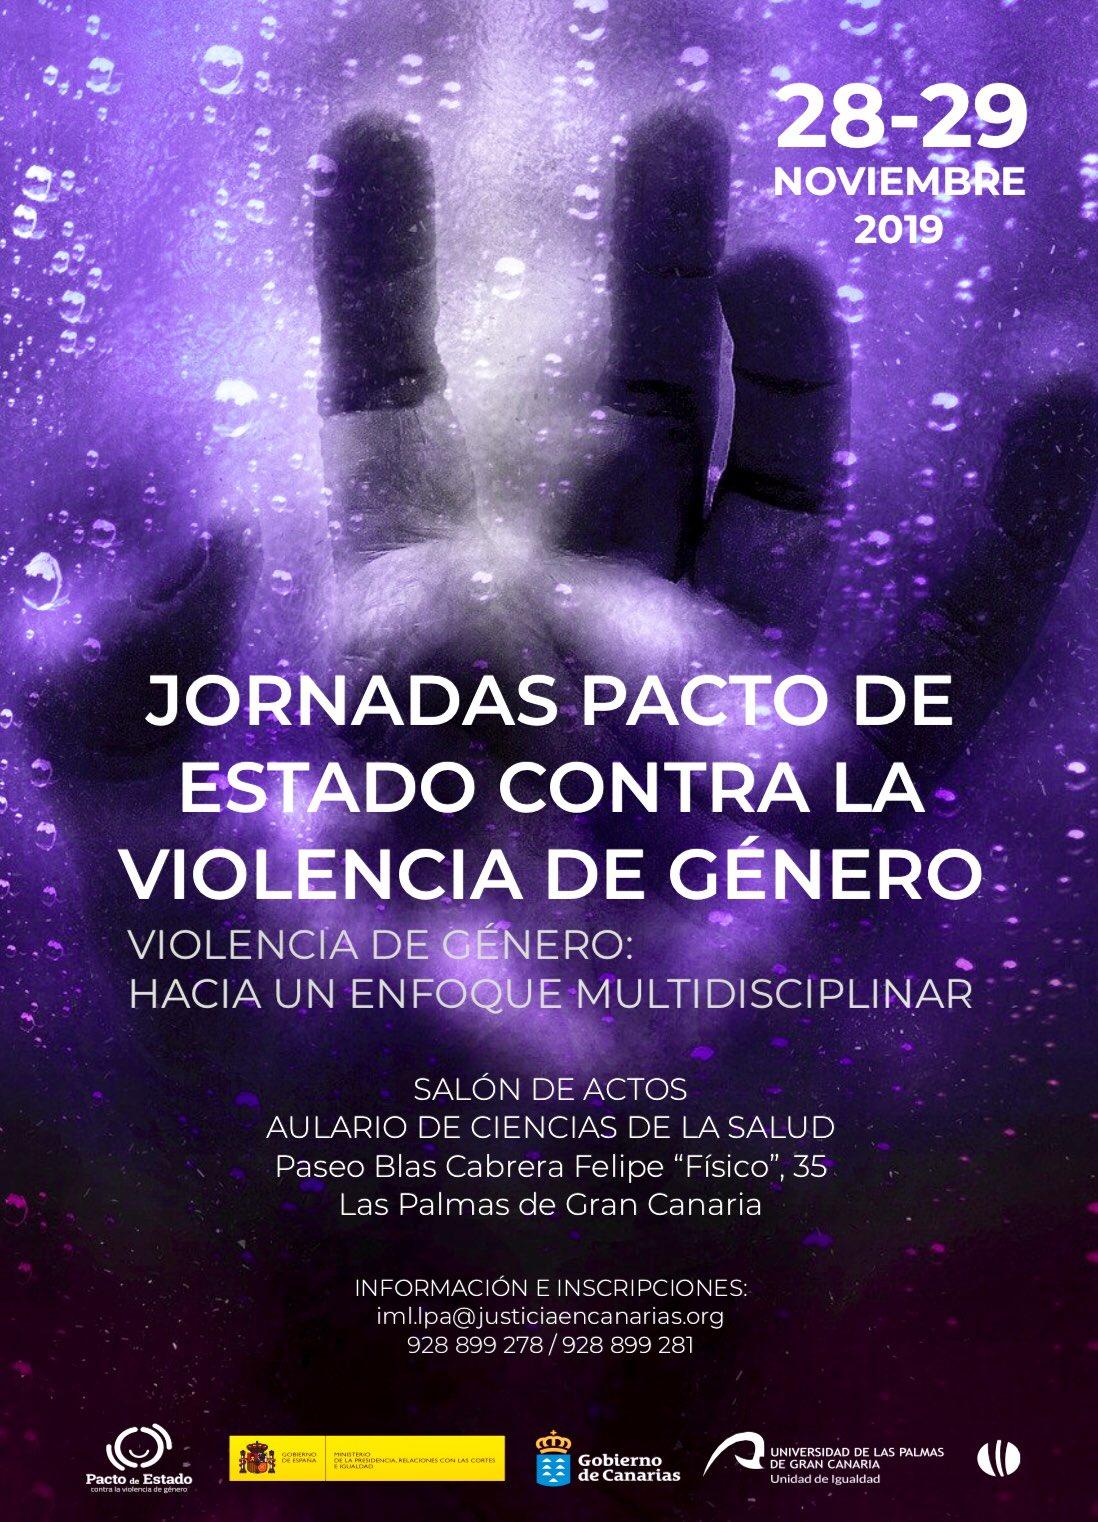 Justicia organiza las jornadas pacto estado contra la violencia de género